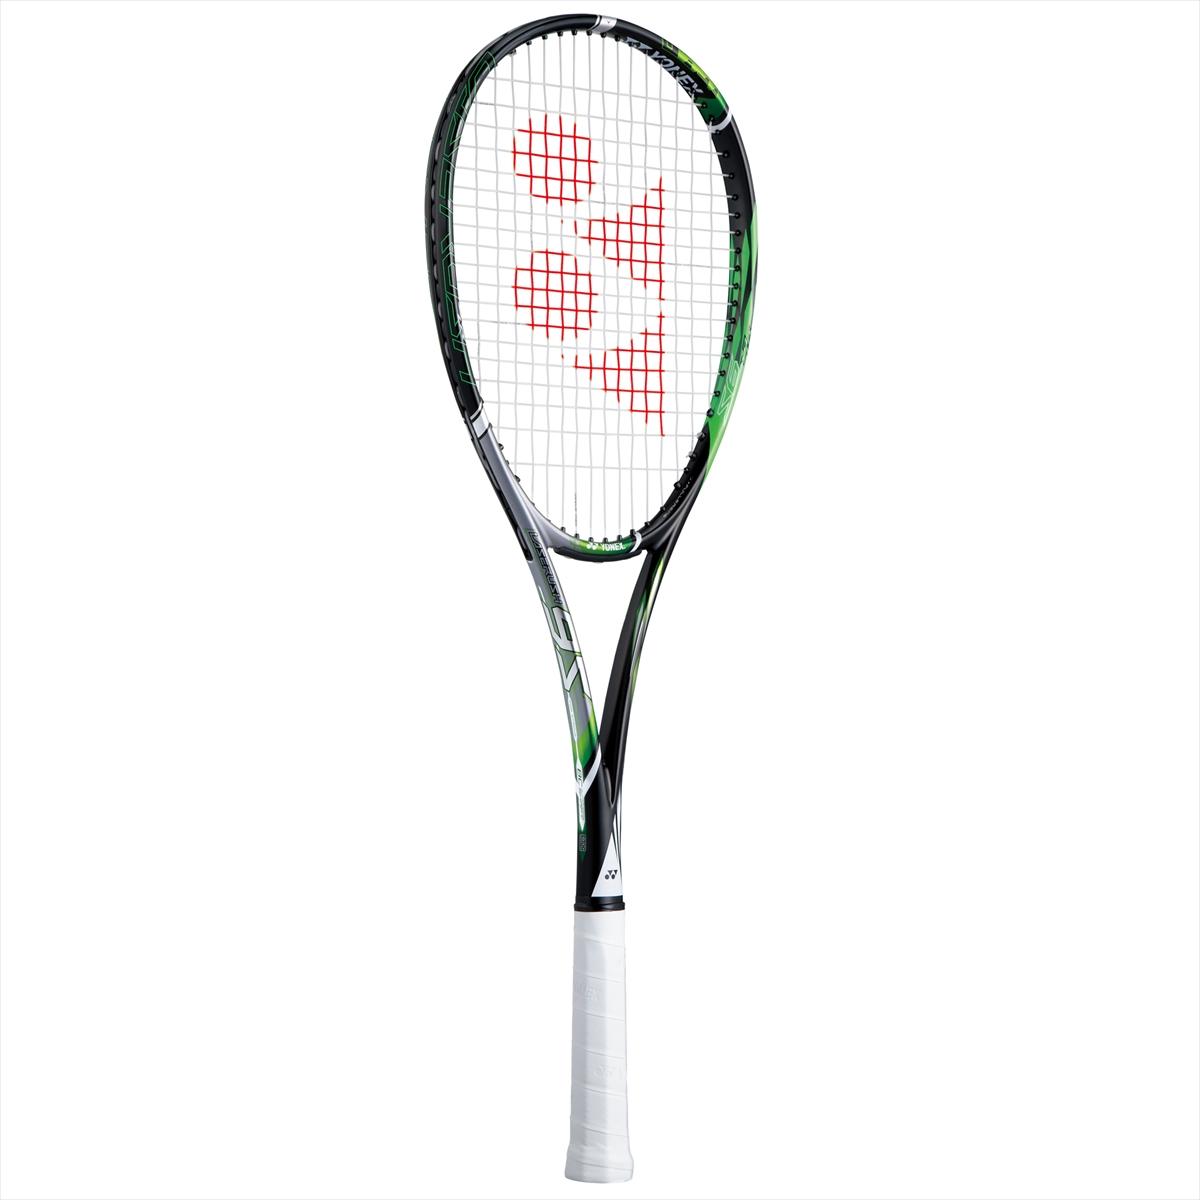 【お買い物マラソン限定ポイント5倍!11/4~11/10迄】ヨネックス YONEX LR9S ソフトテニス ラケット ラケット ガット代 張り代 無料 レーザーラッシュ9S ブライトグリーン 16FW 後衛モデル